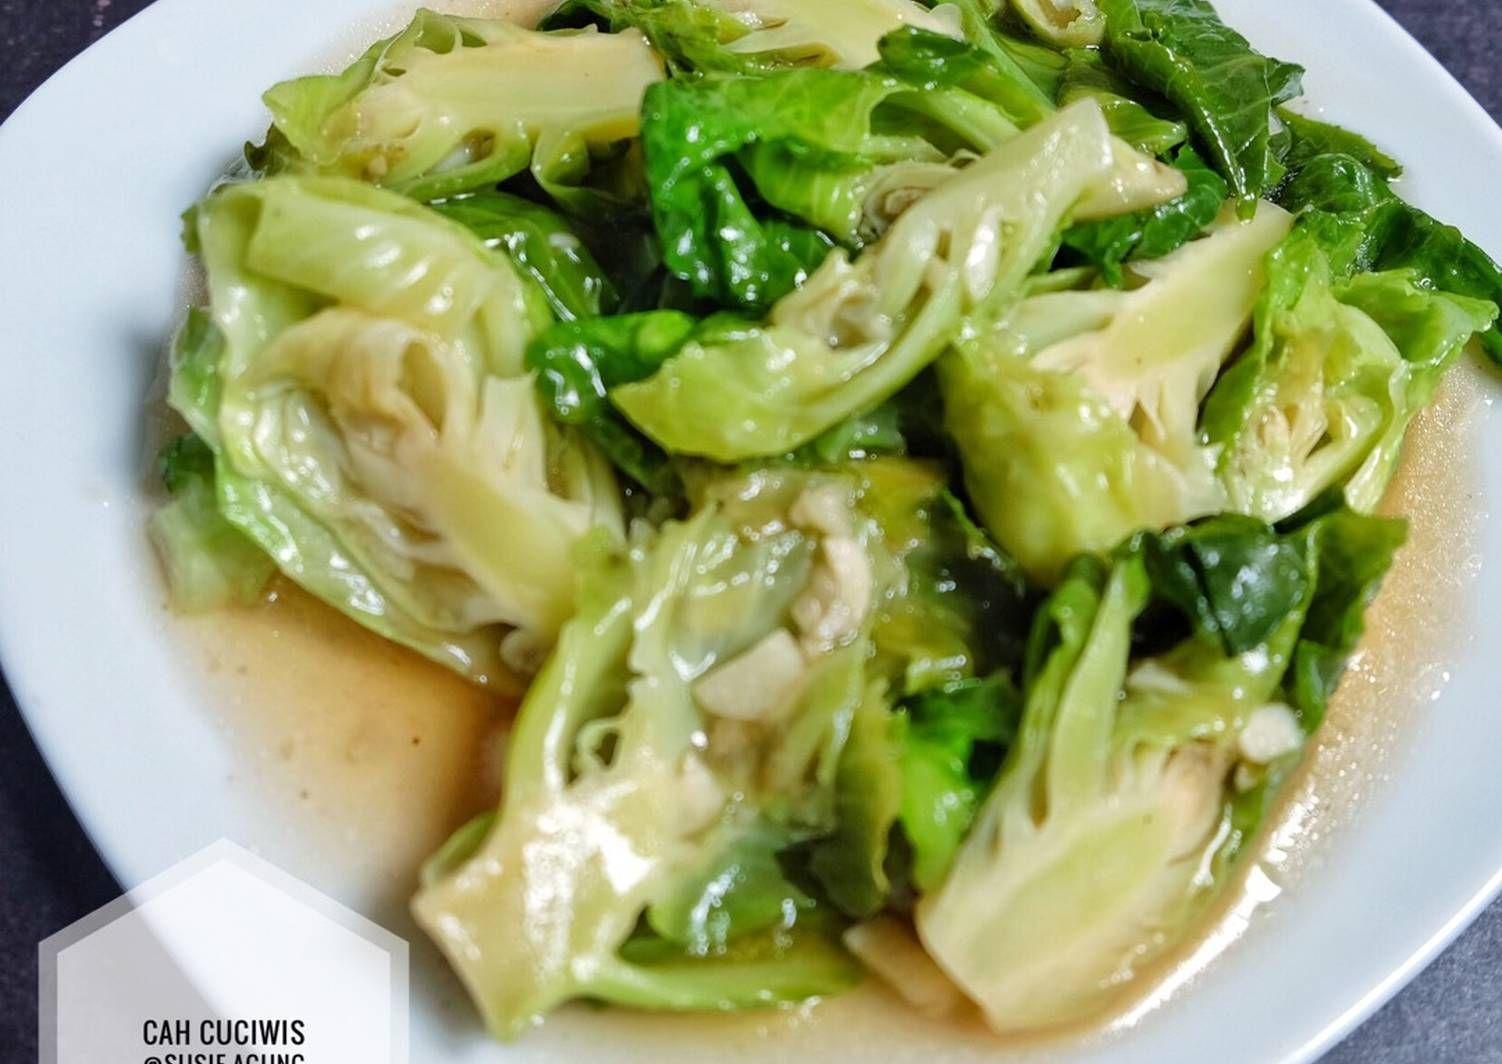 Resep Cah Cuciwis Bawang Putih Oleh Susi Agung Resep Resep Makanan Cina Resep Masakan Sehat Resep